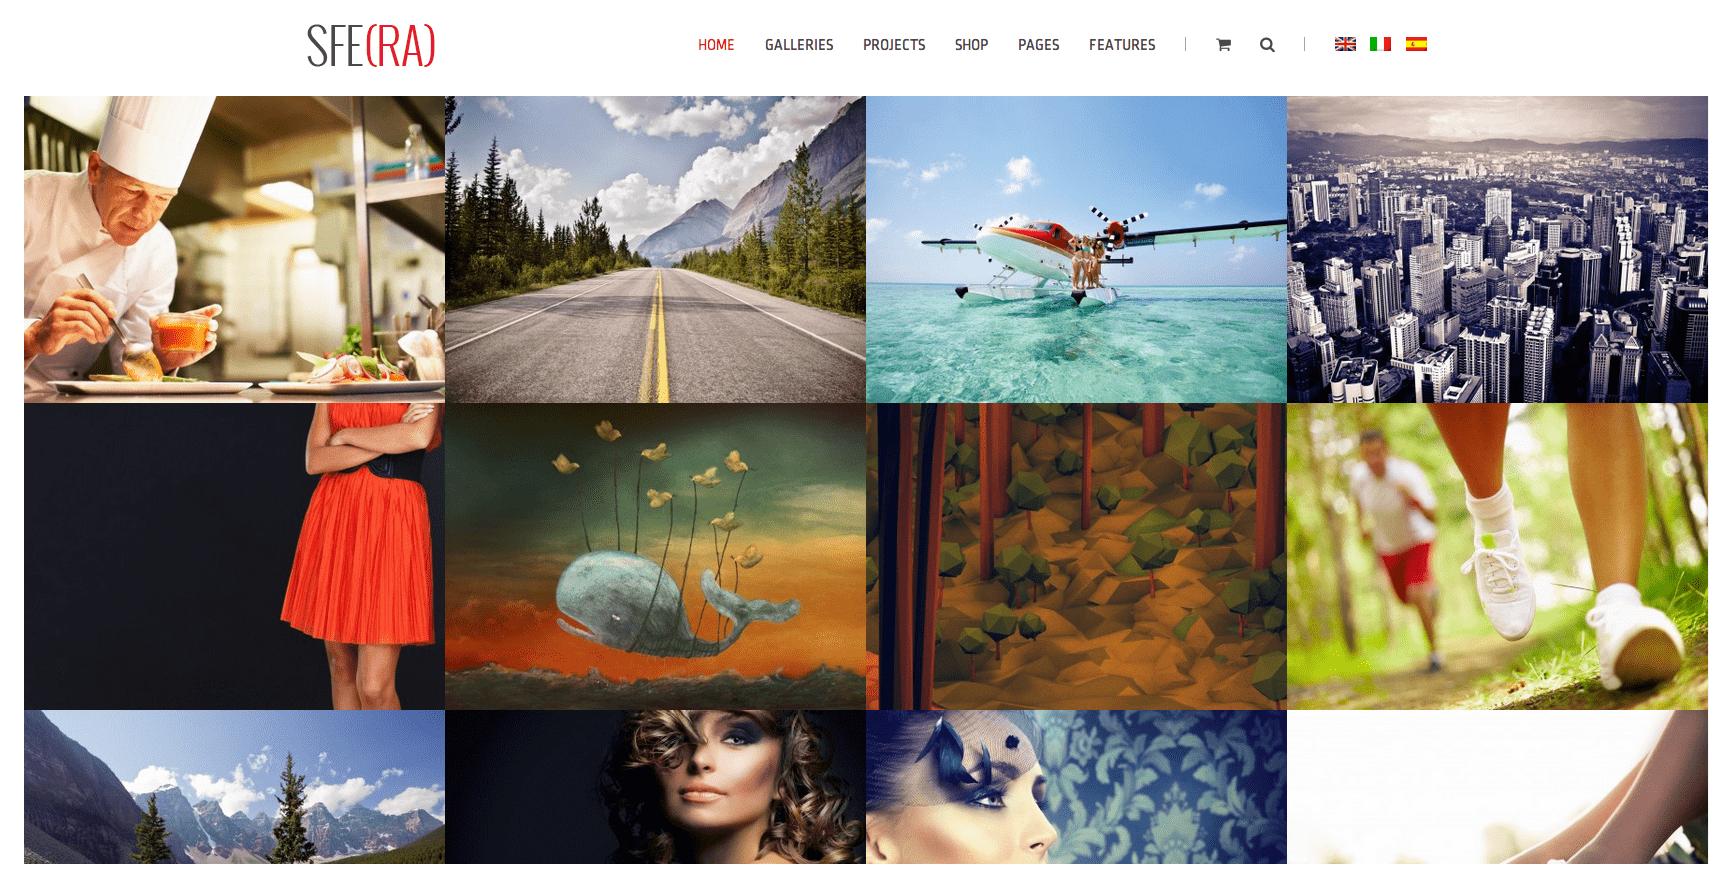 Galeria-de-Fotos-Online-Sfera